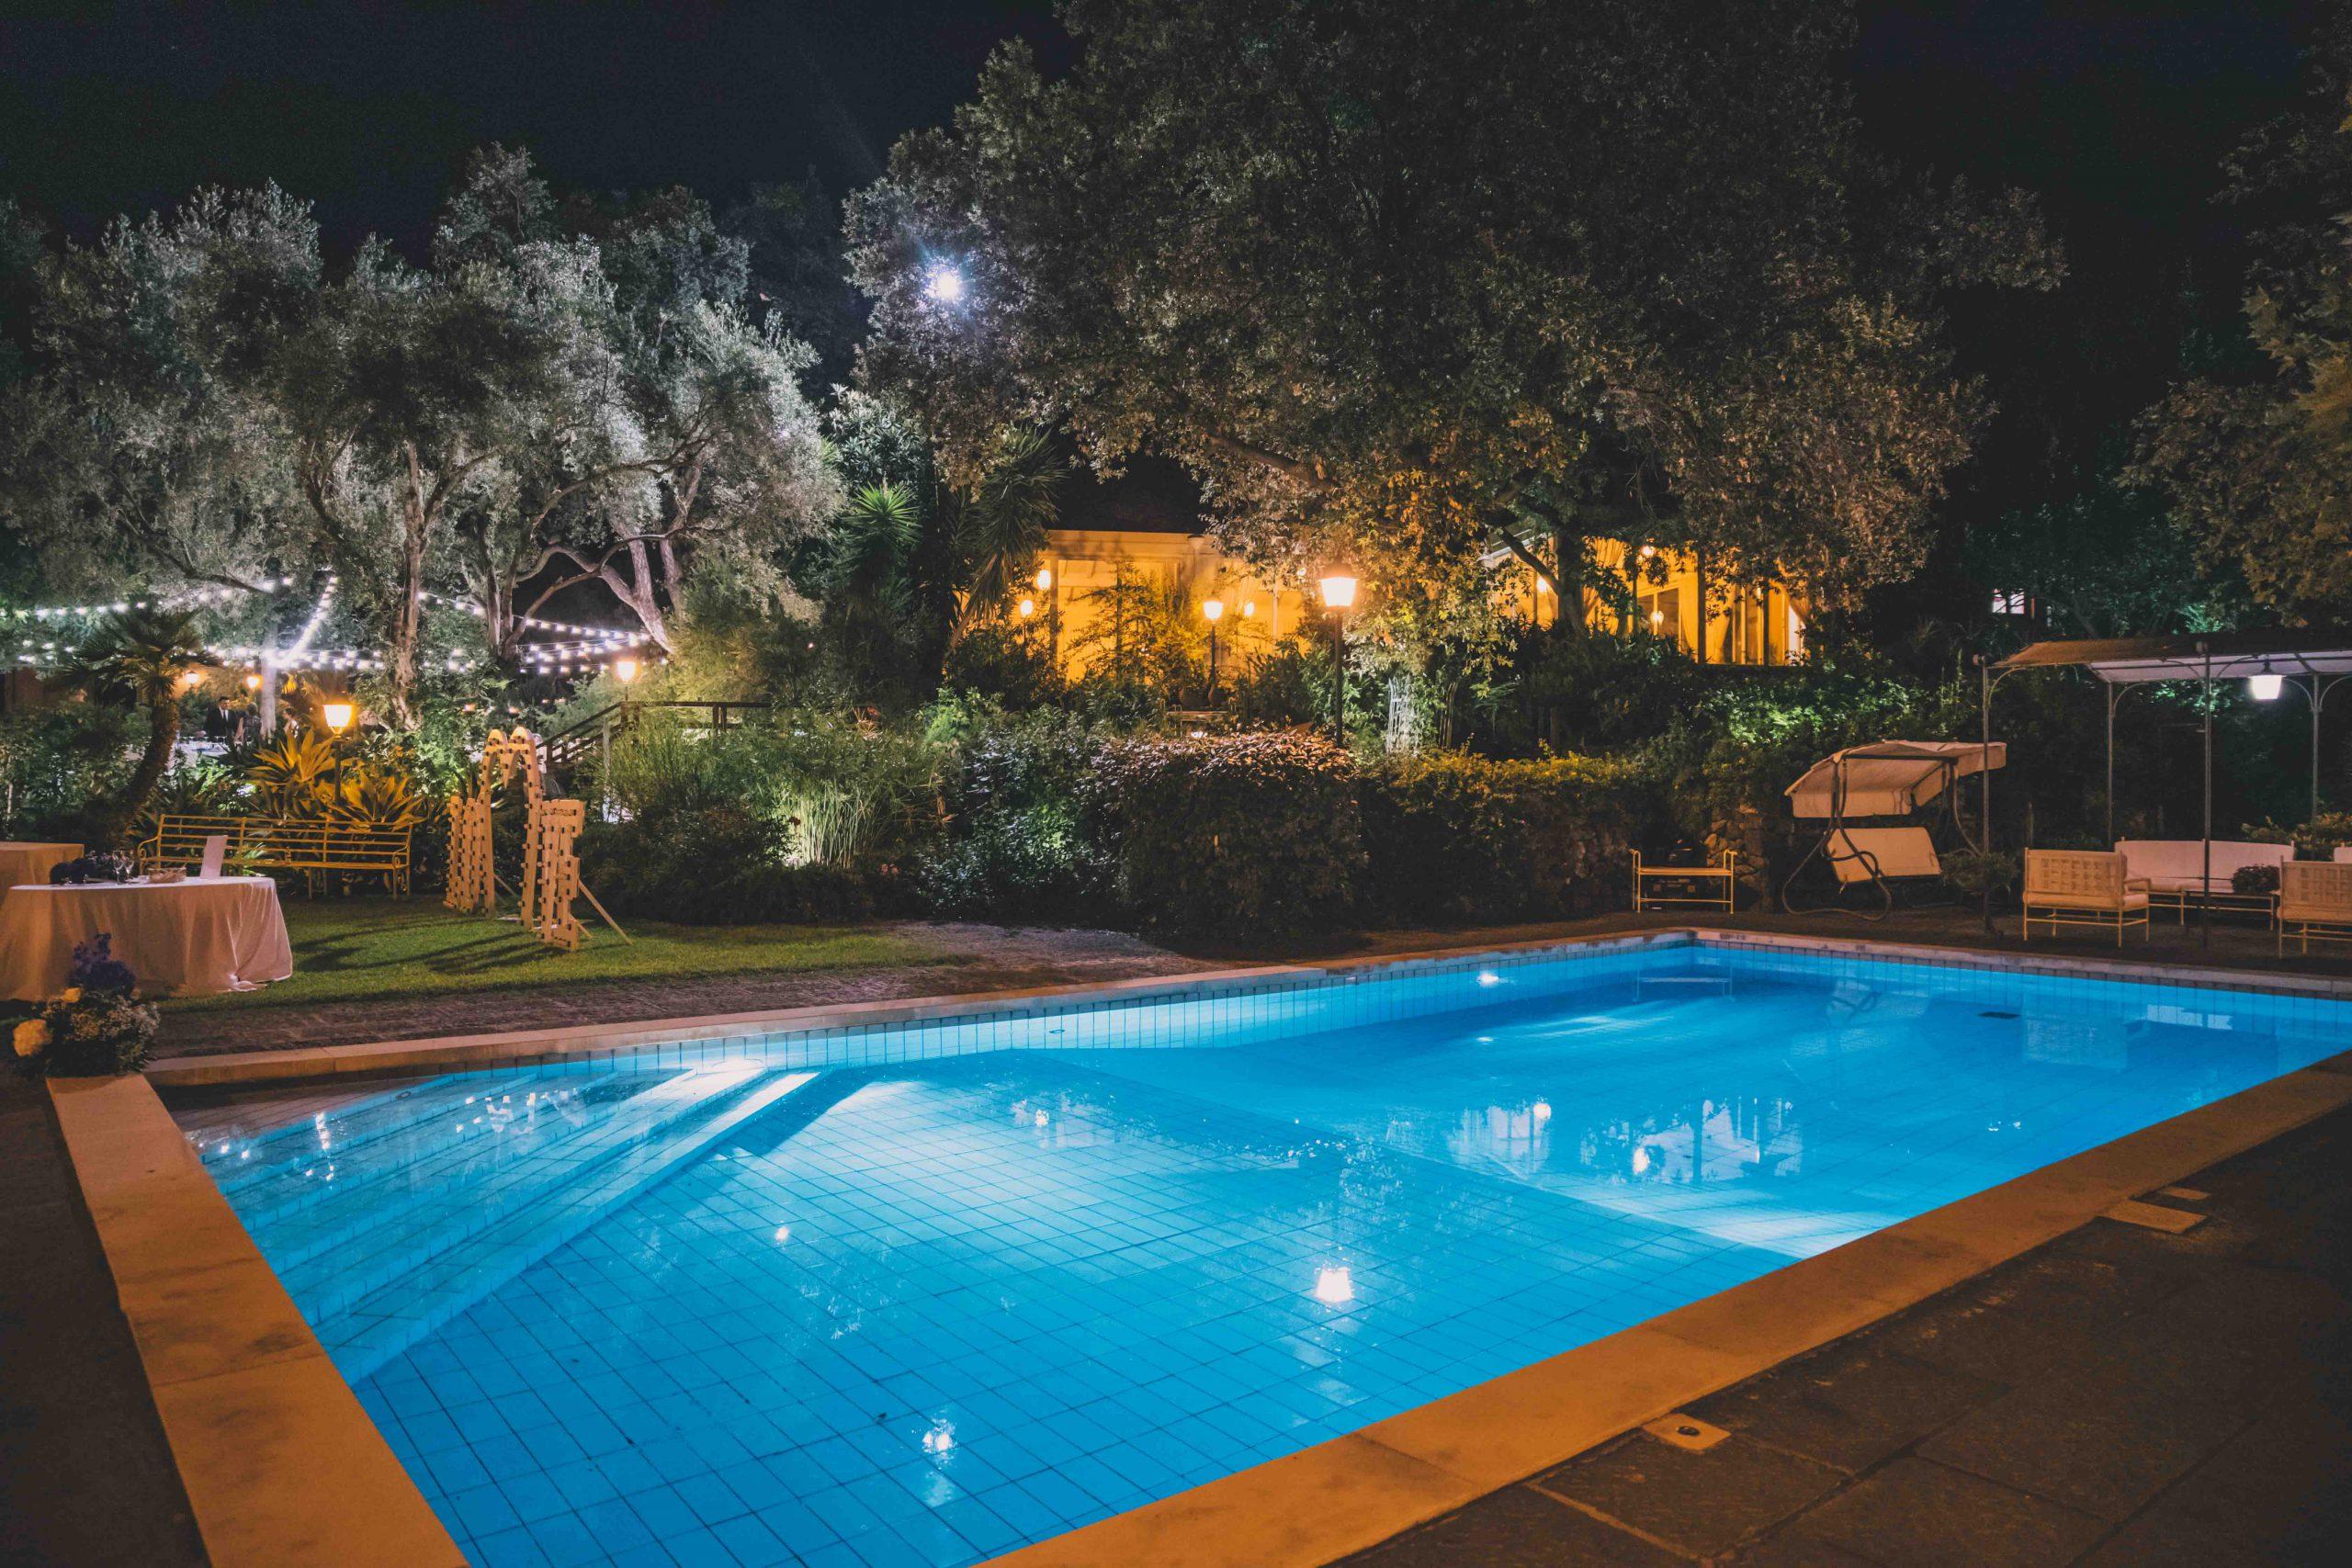 Storia, nobiltà ed equilibrio con la natura convivono e danno vita ad uno scenario perfetto che profuma di Sicilia: a Villa Musmeci tutto illumina i tuoi sentimenti.